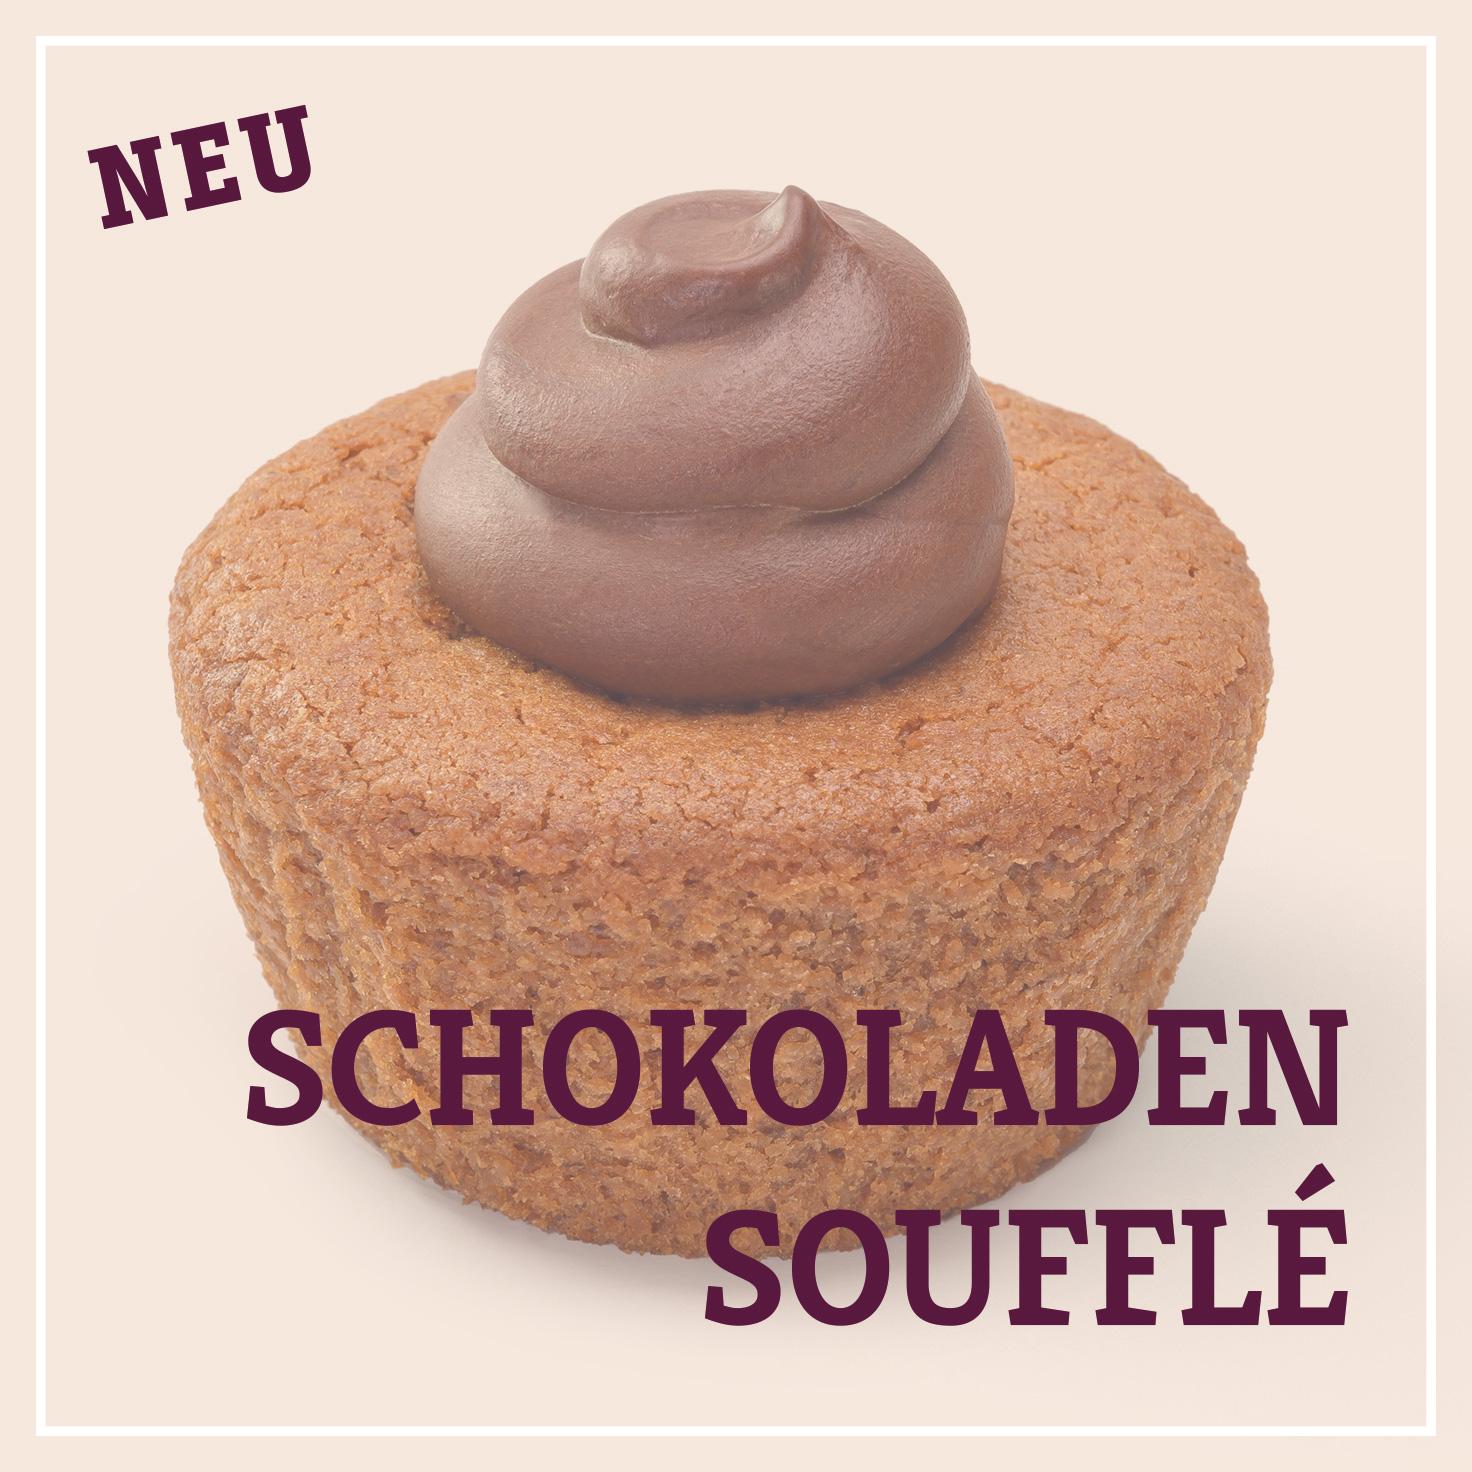 Heiss & Süß - Schokoladensoufflé